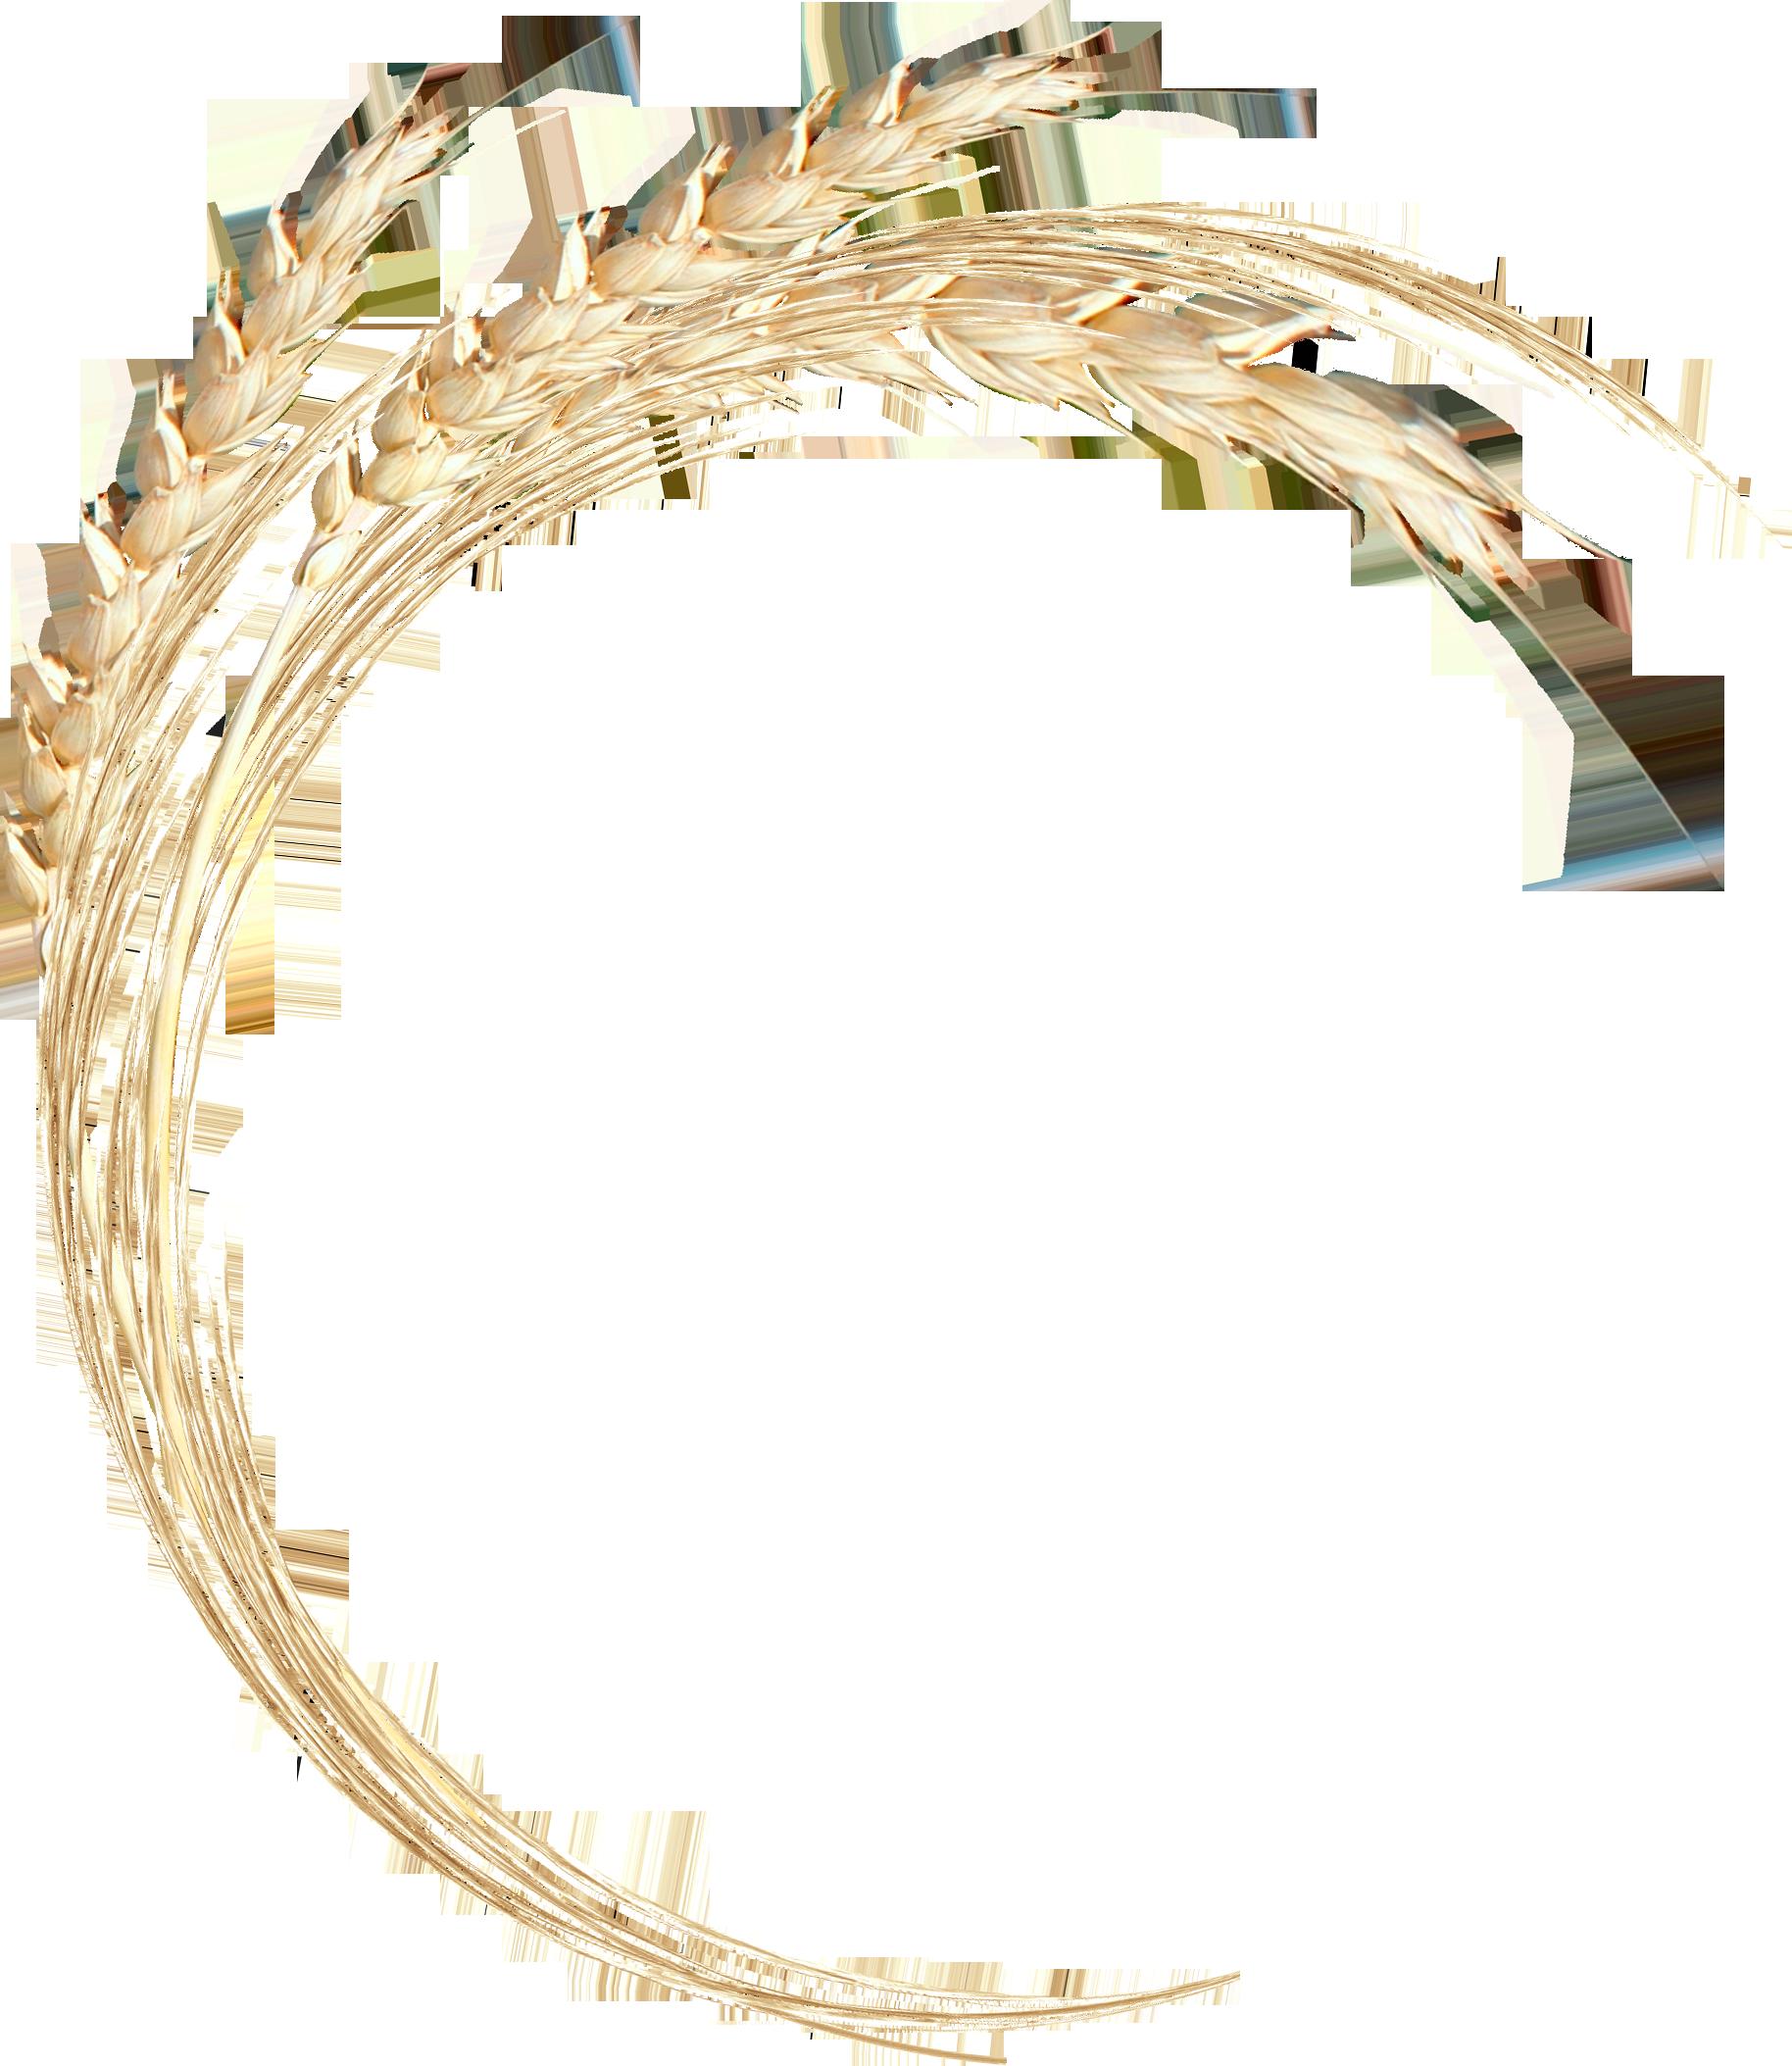 венок пшеницы картинки кишечная формы при